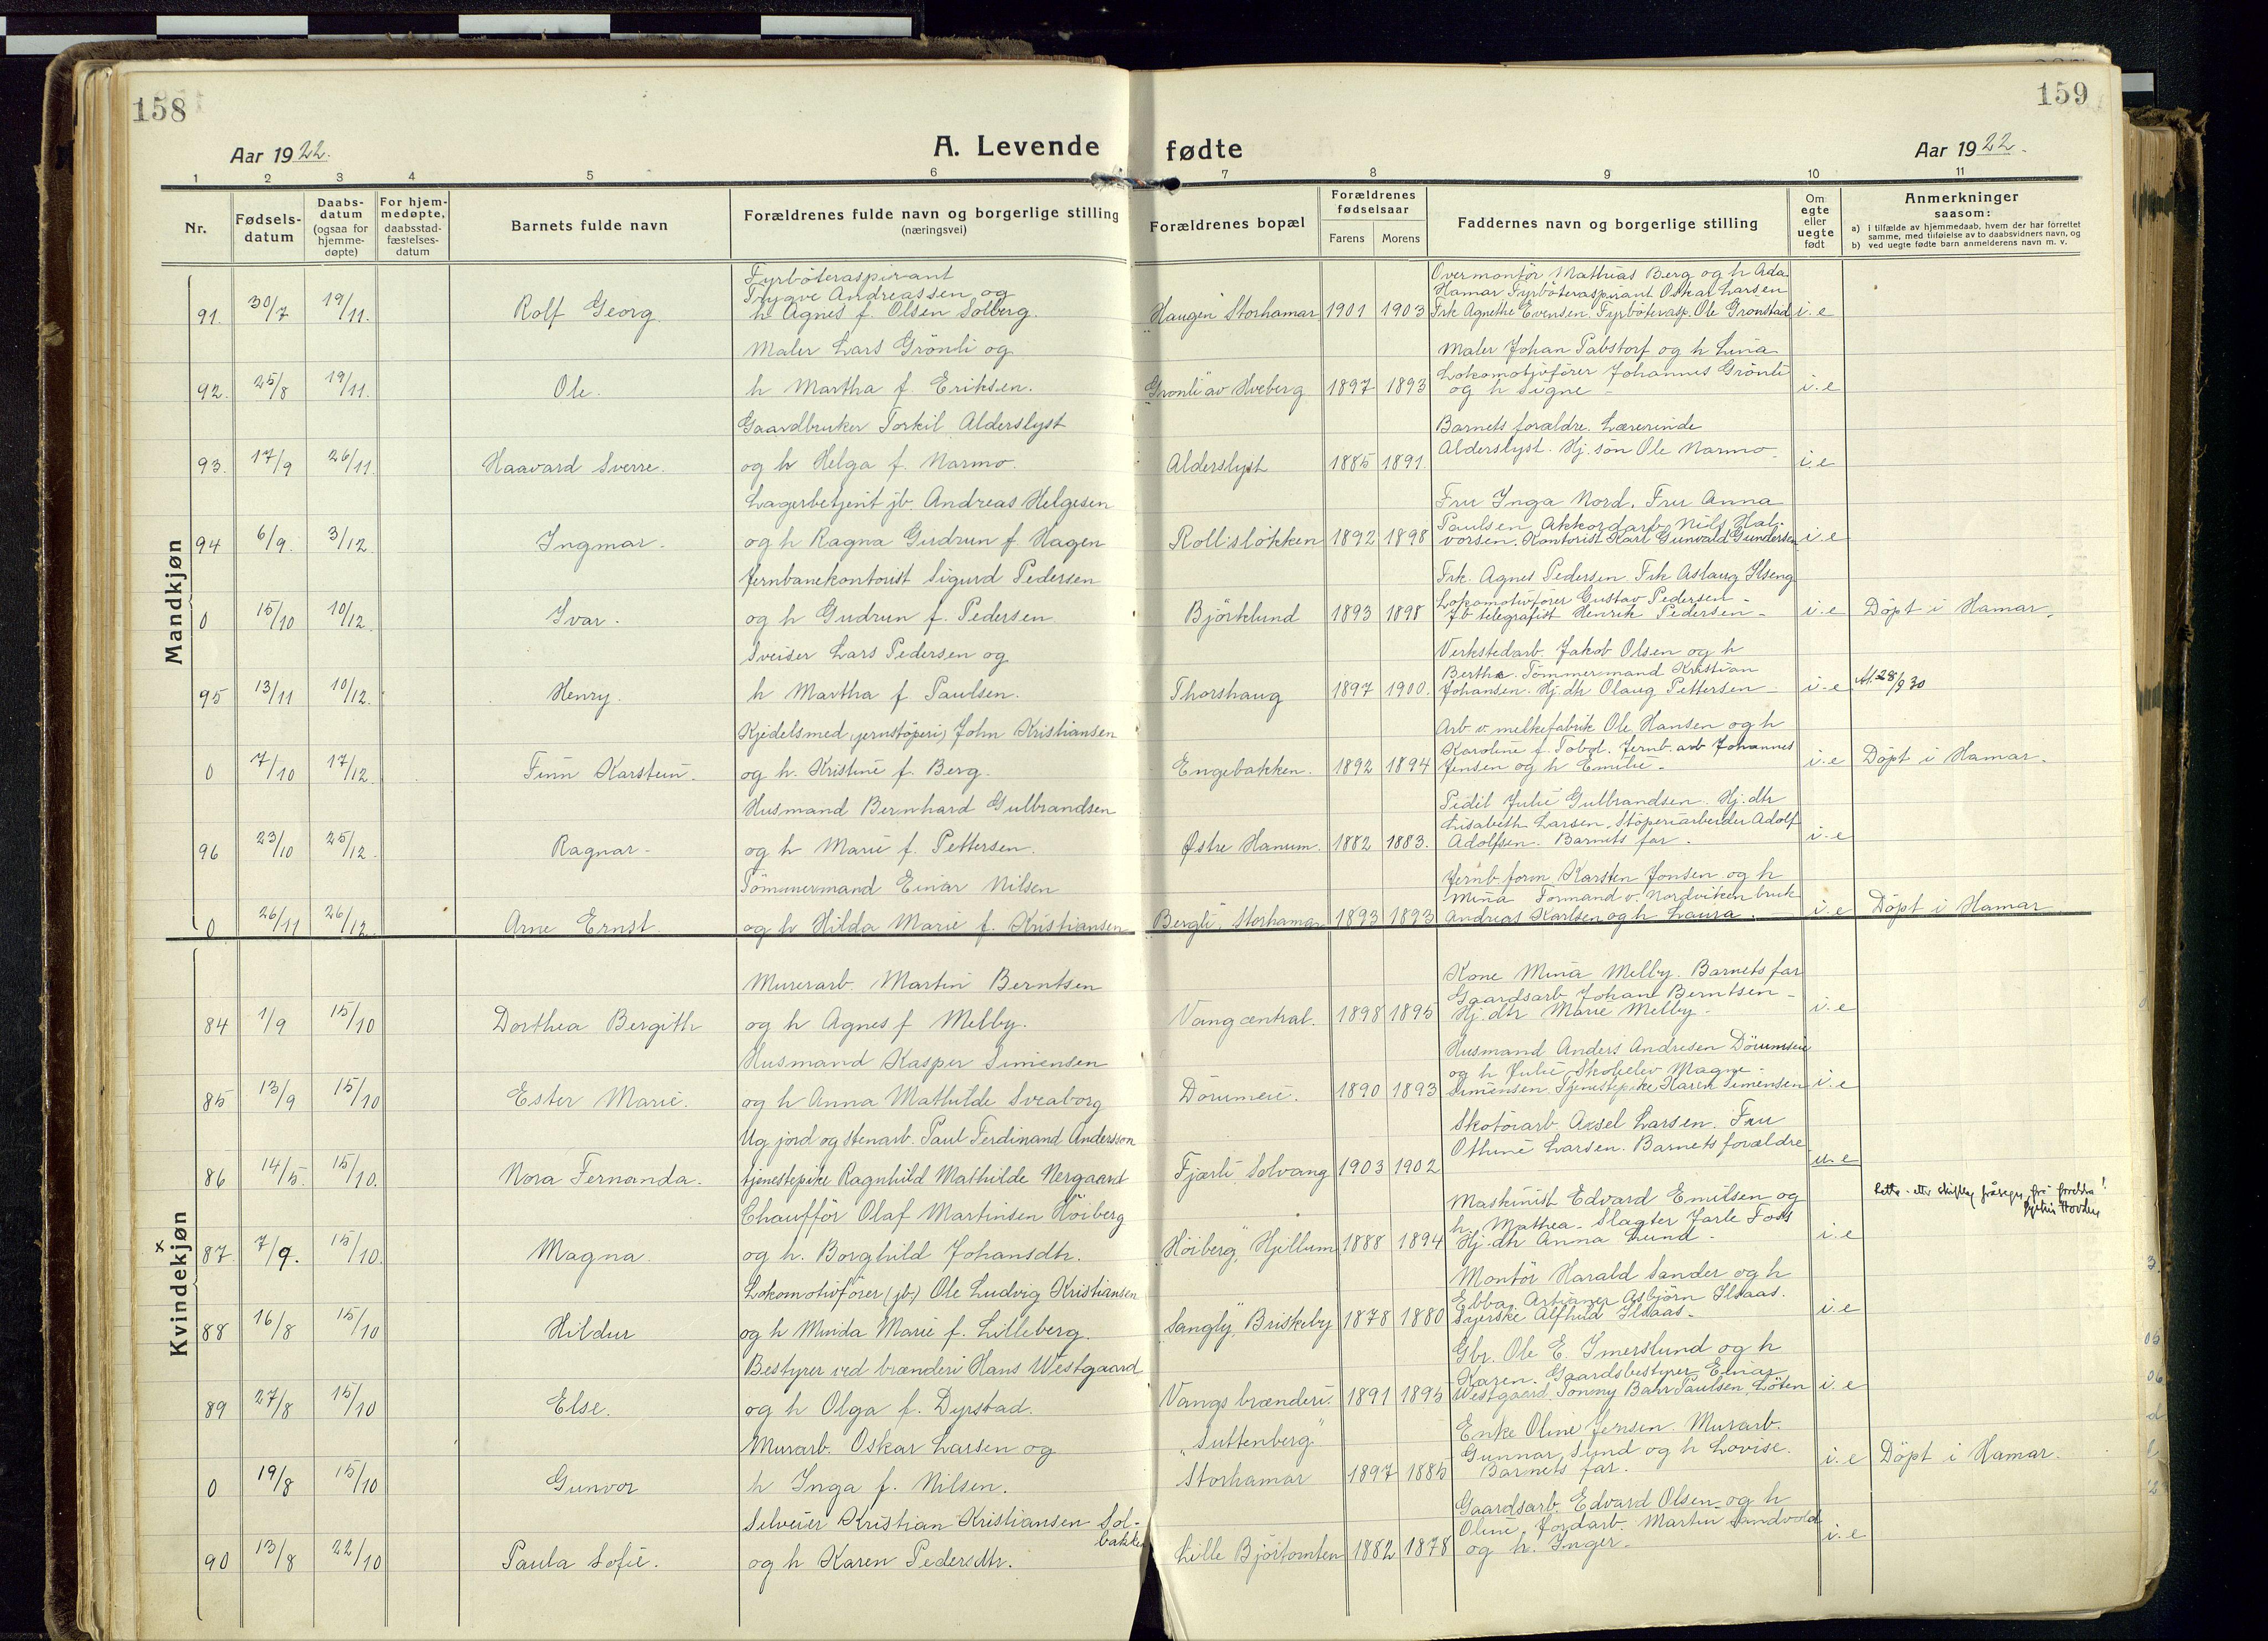 SAH, Vang prestekontor, Hedmark, H/Ha/Haa/L0022: Ministerialbok nr. 22, 1918-1944, s. 158-159